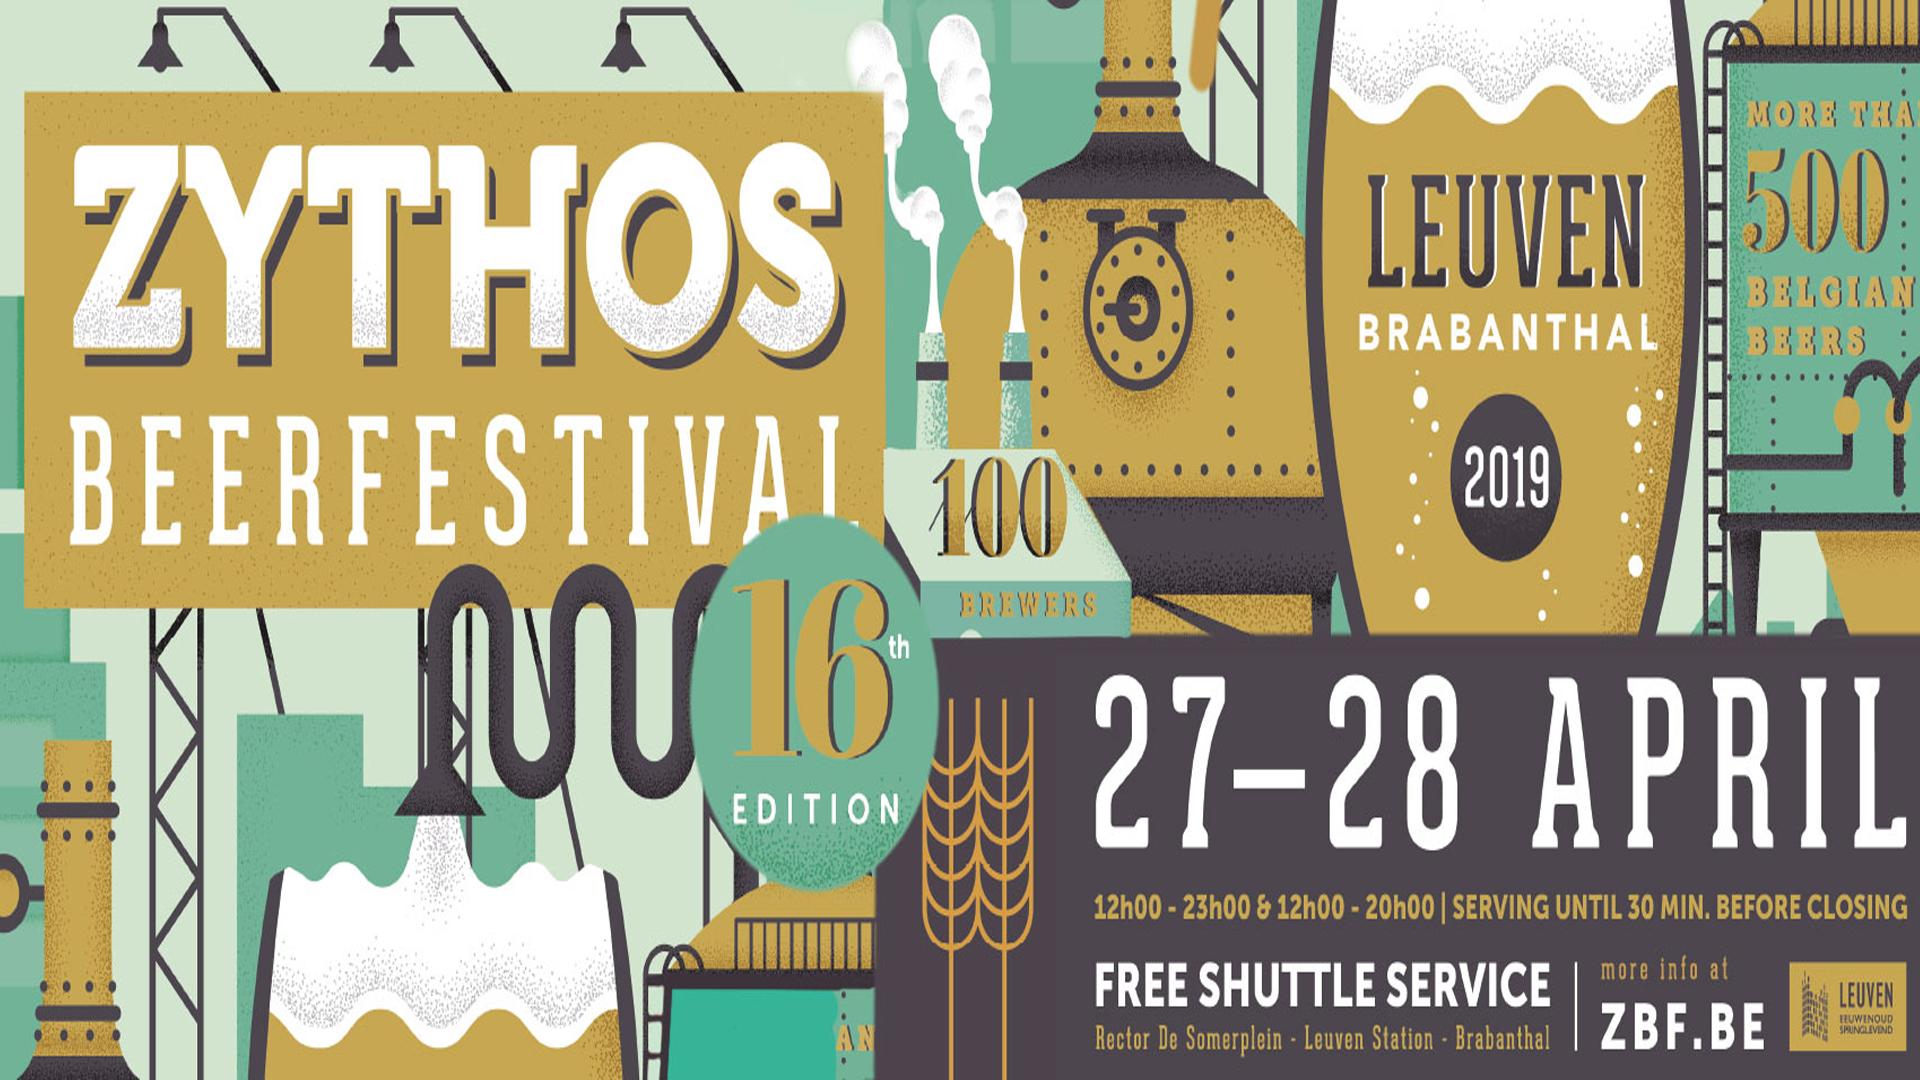 Zythos Bierfestival 2019